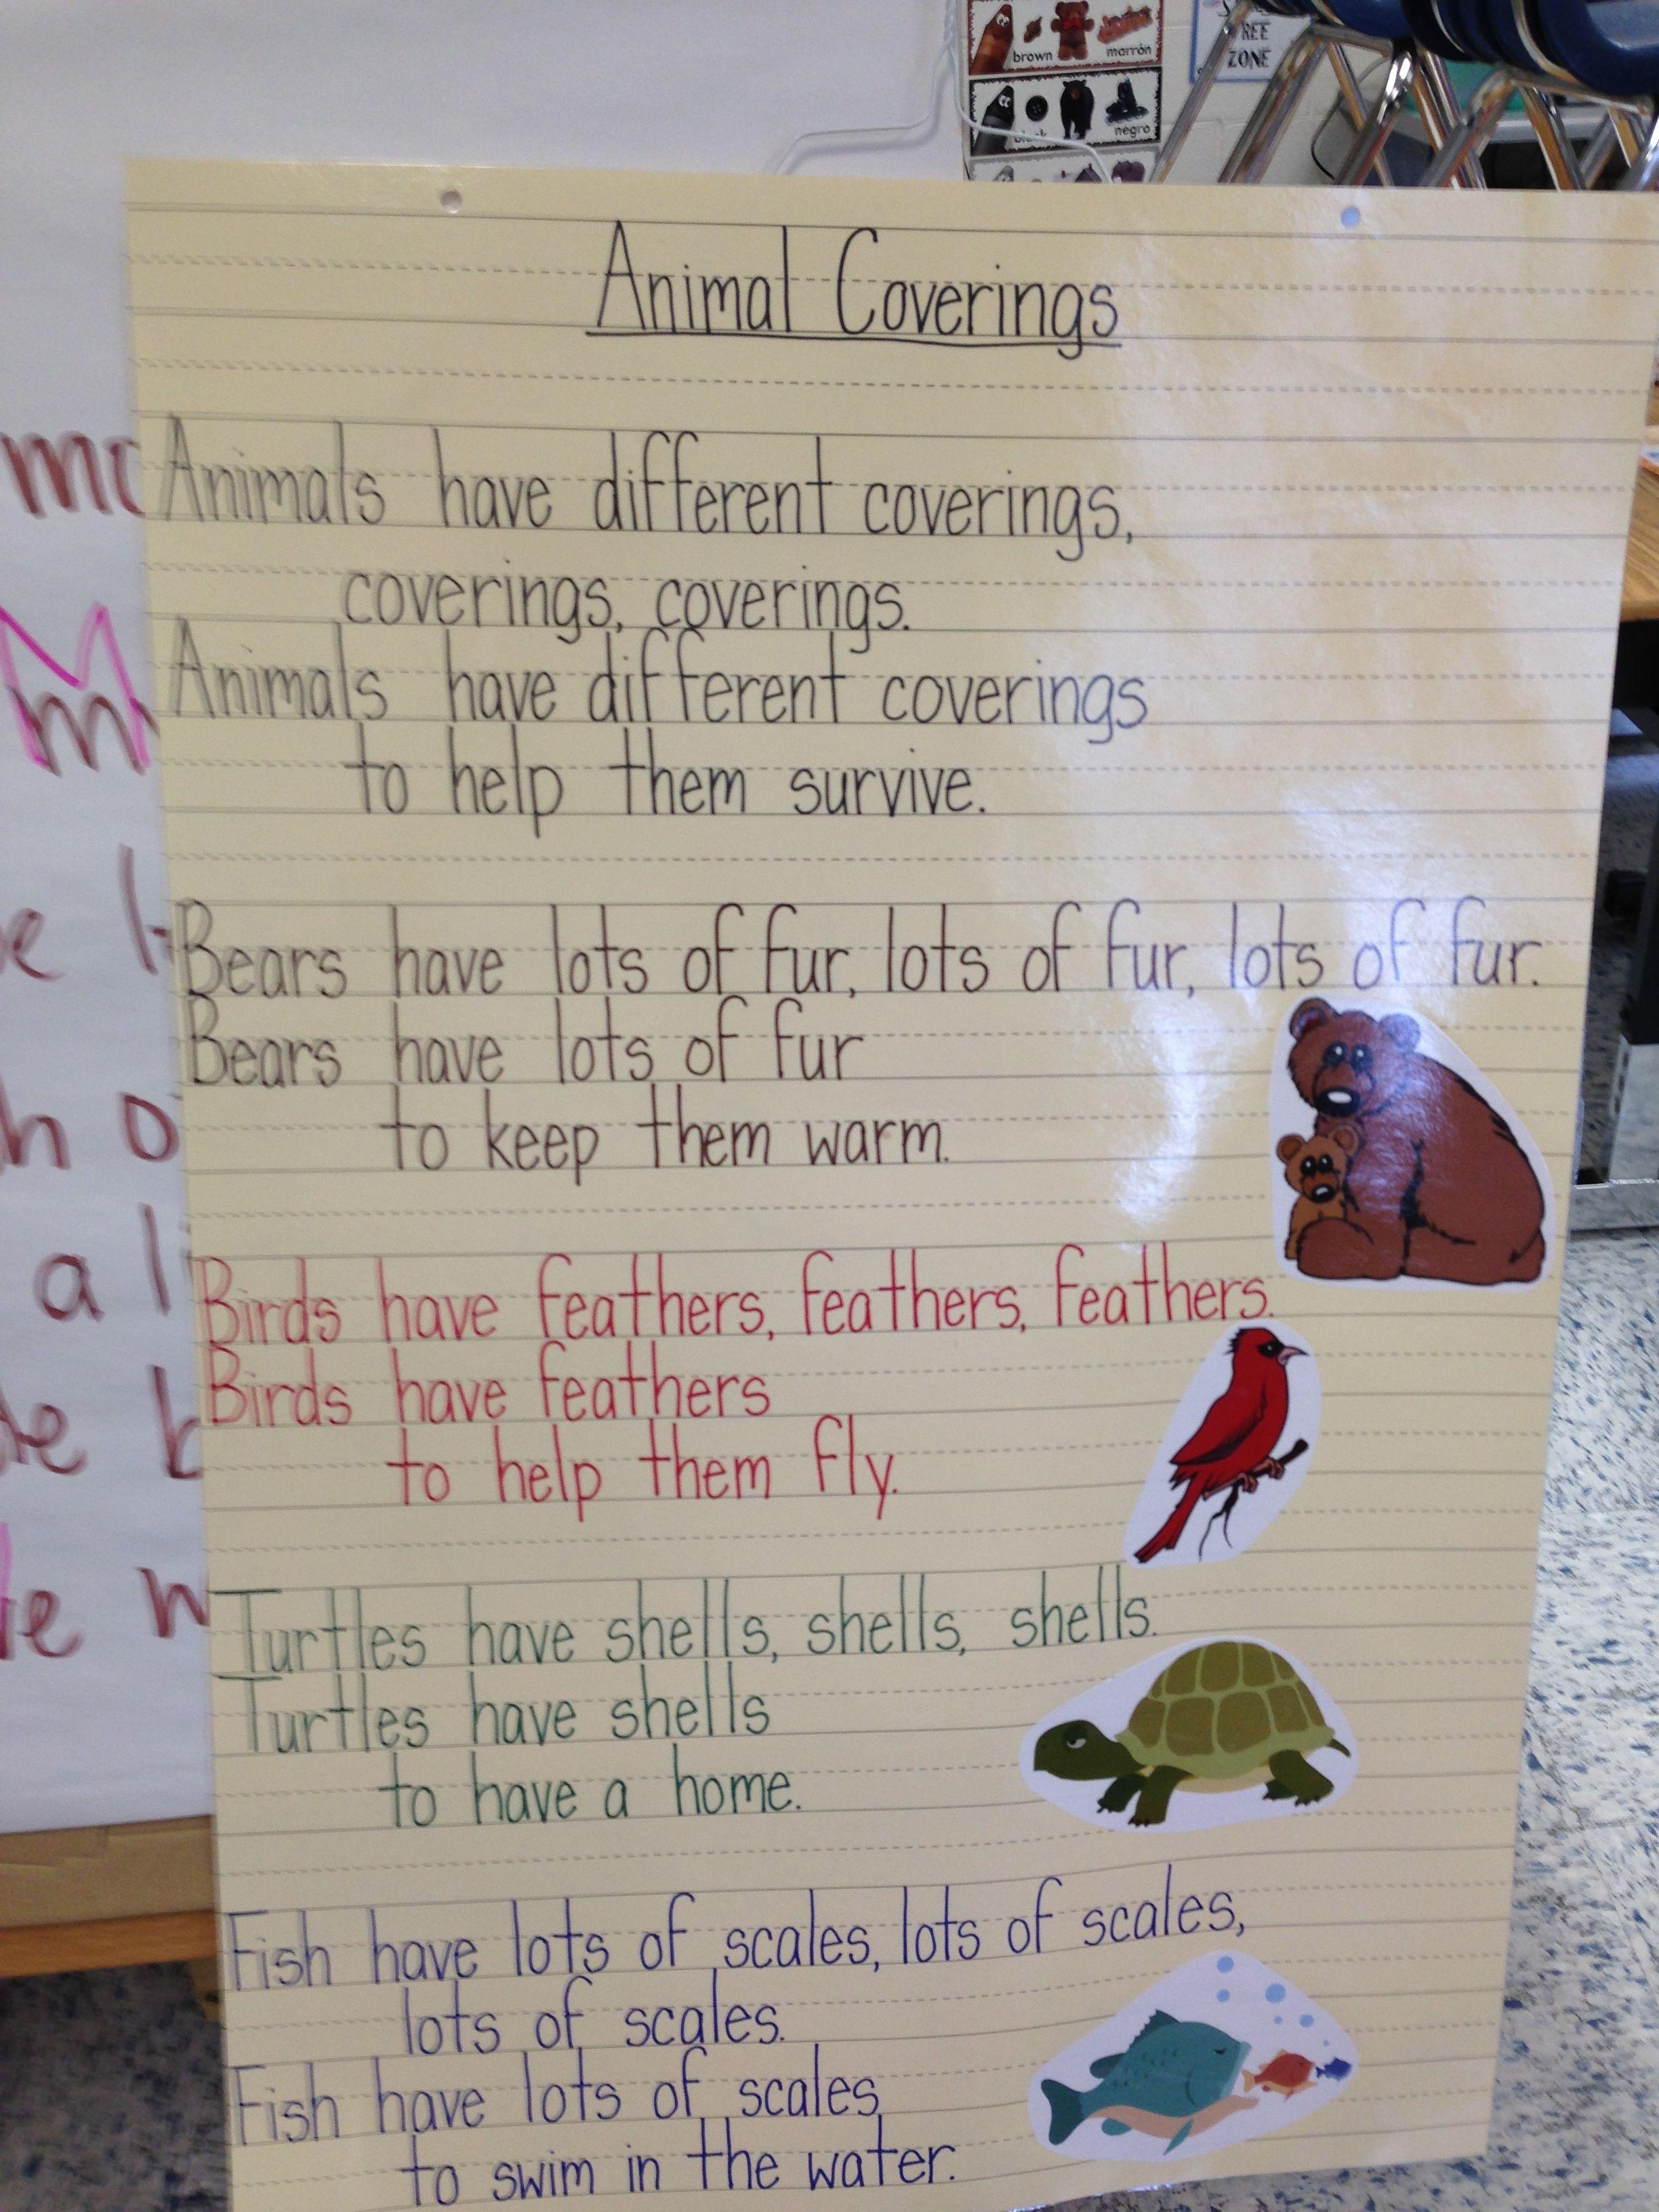 Animal Coverings Poem